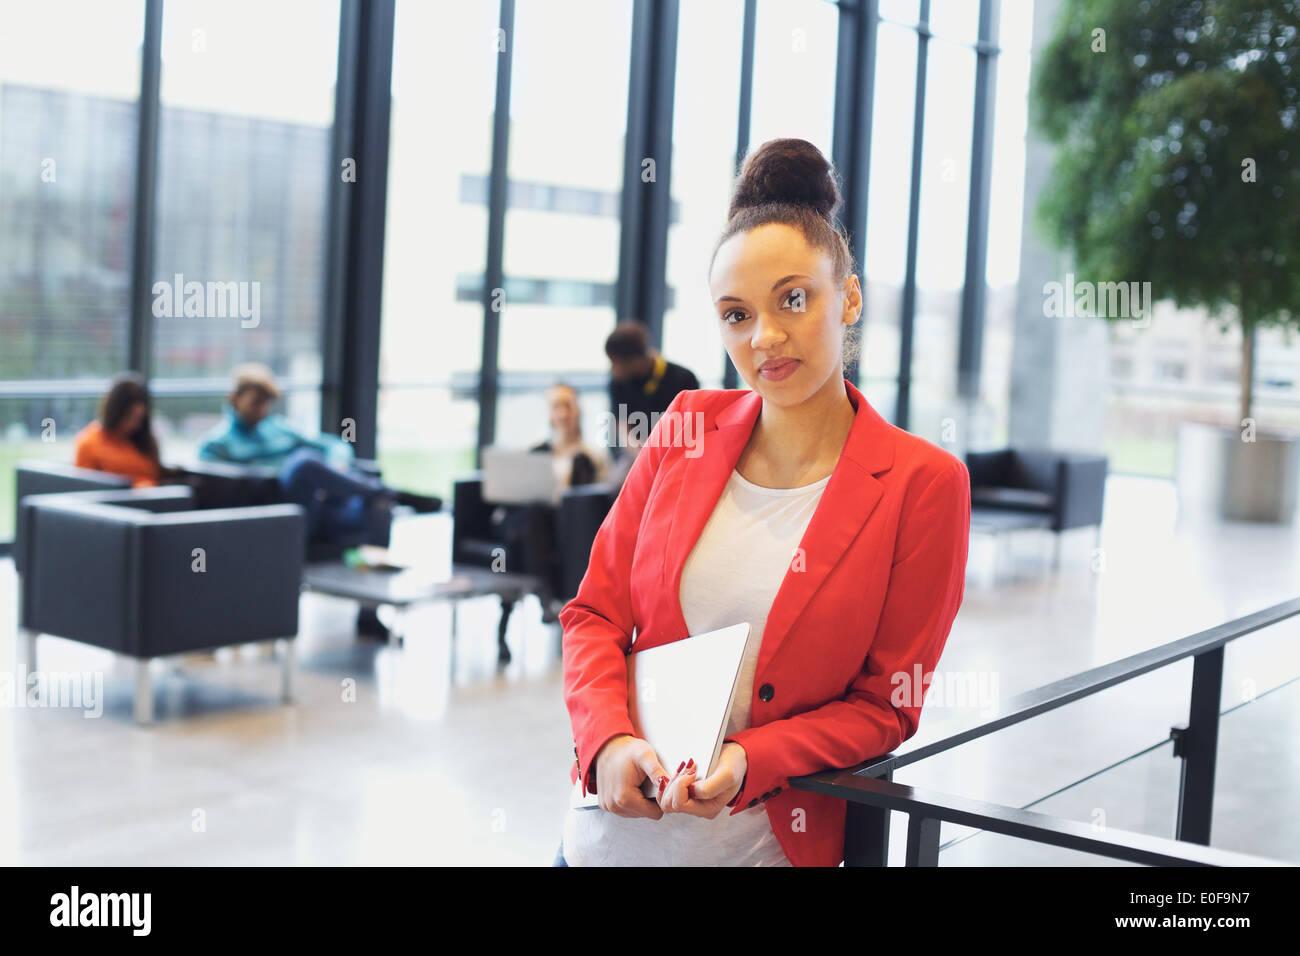 Certi giovani afro american donna che mantiene un notebook in piedi da una ringhiera guardando la fotocamera. Giovane imprenditrice in ufficio. Immagini Stock